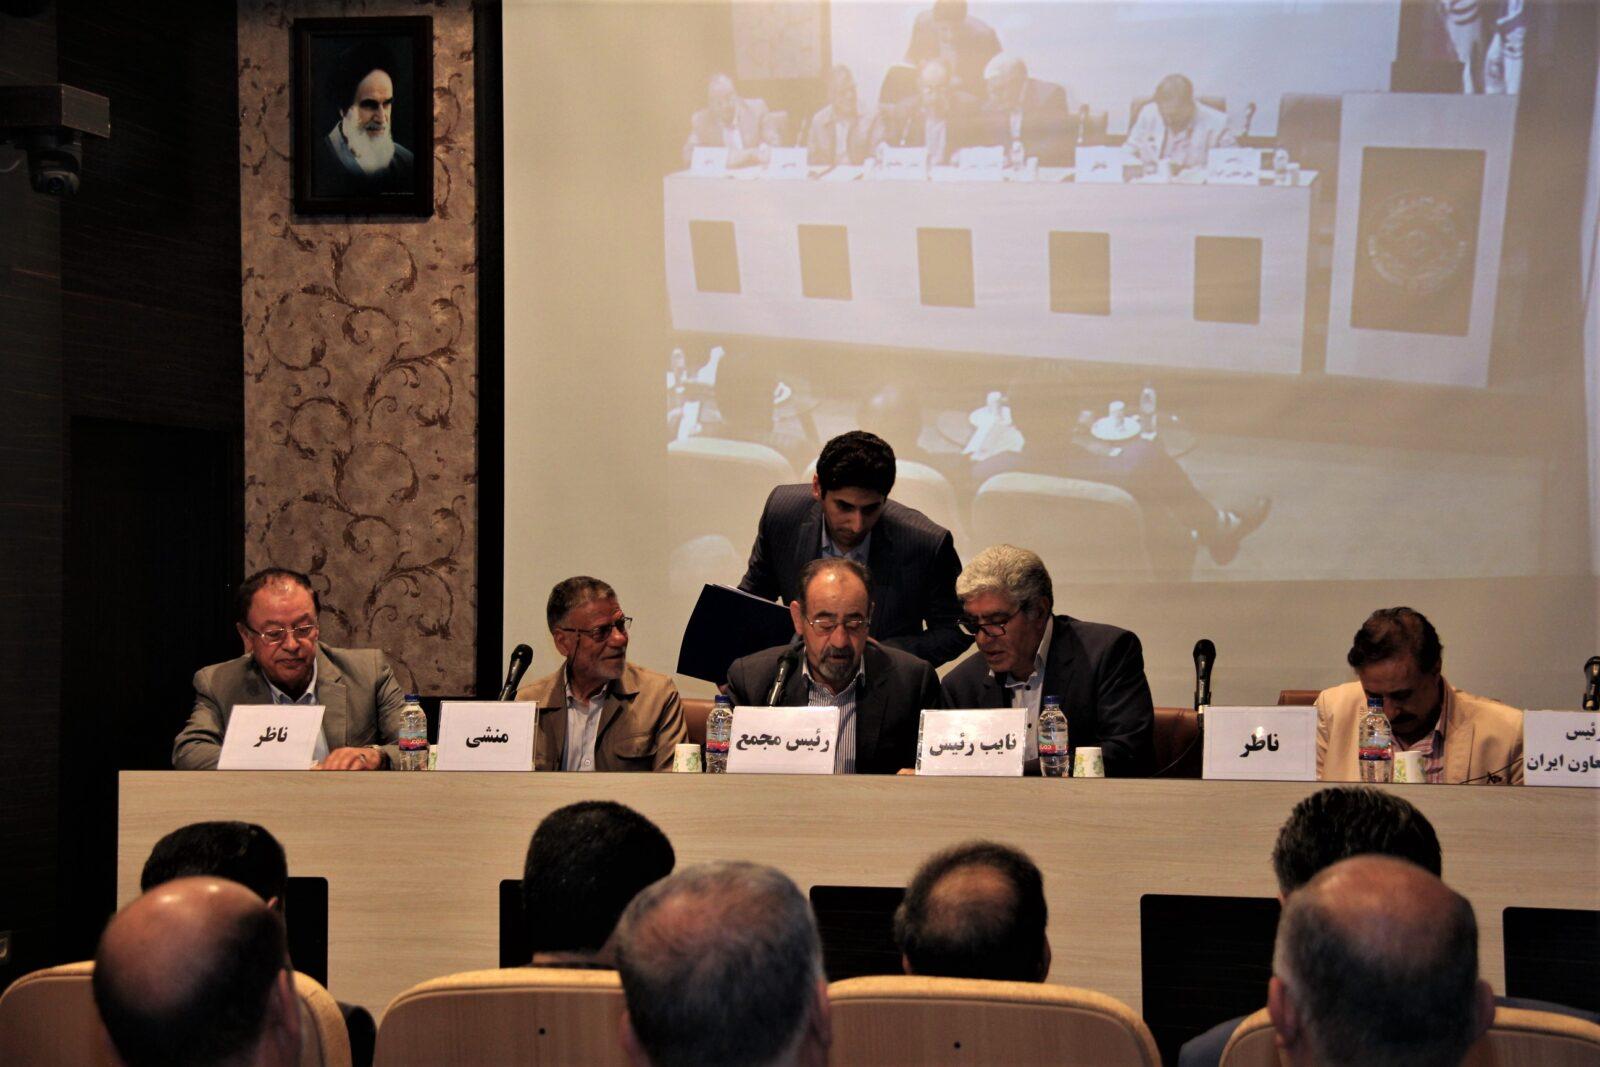 گزارش تصویری از مجمع عمومی عادی نمایندگان اتاق تعاون ایران